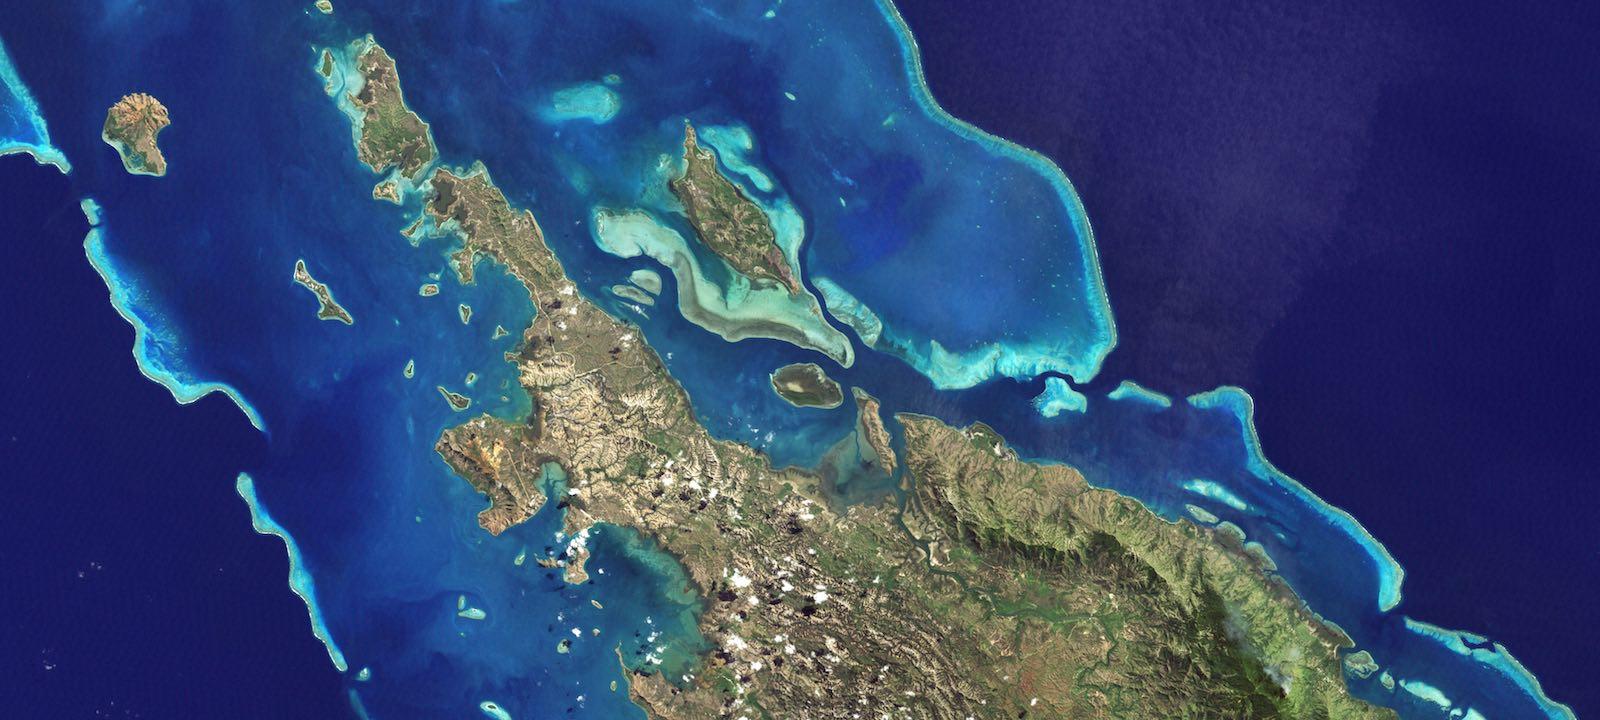 New Caledonia (Photo: NASA Visible Earth)